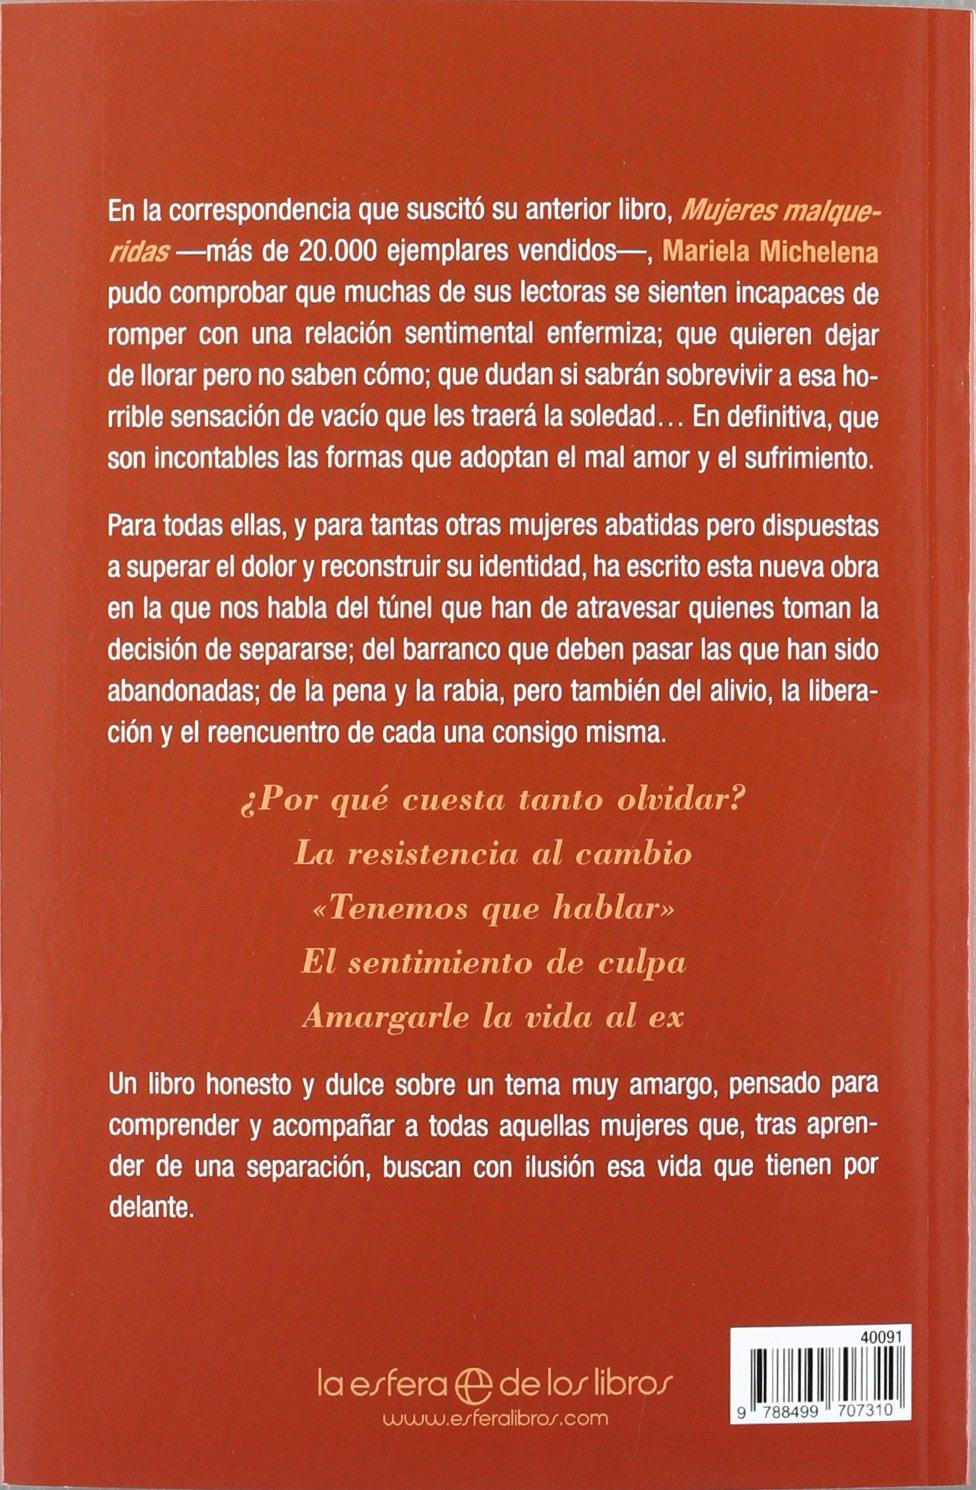 Me cuesta tanto olvidarte Psicologia Y Salud esfera: Amazon.es: Mariela  Michelena: Libros